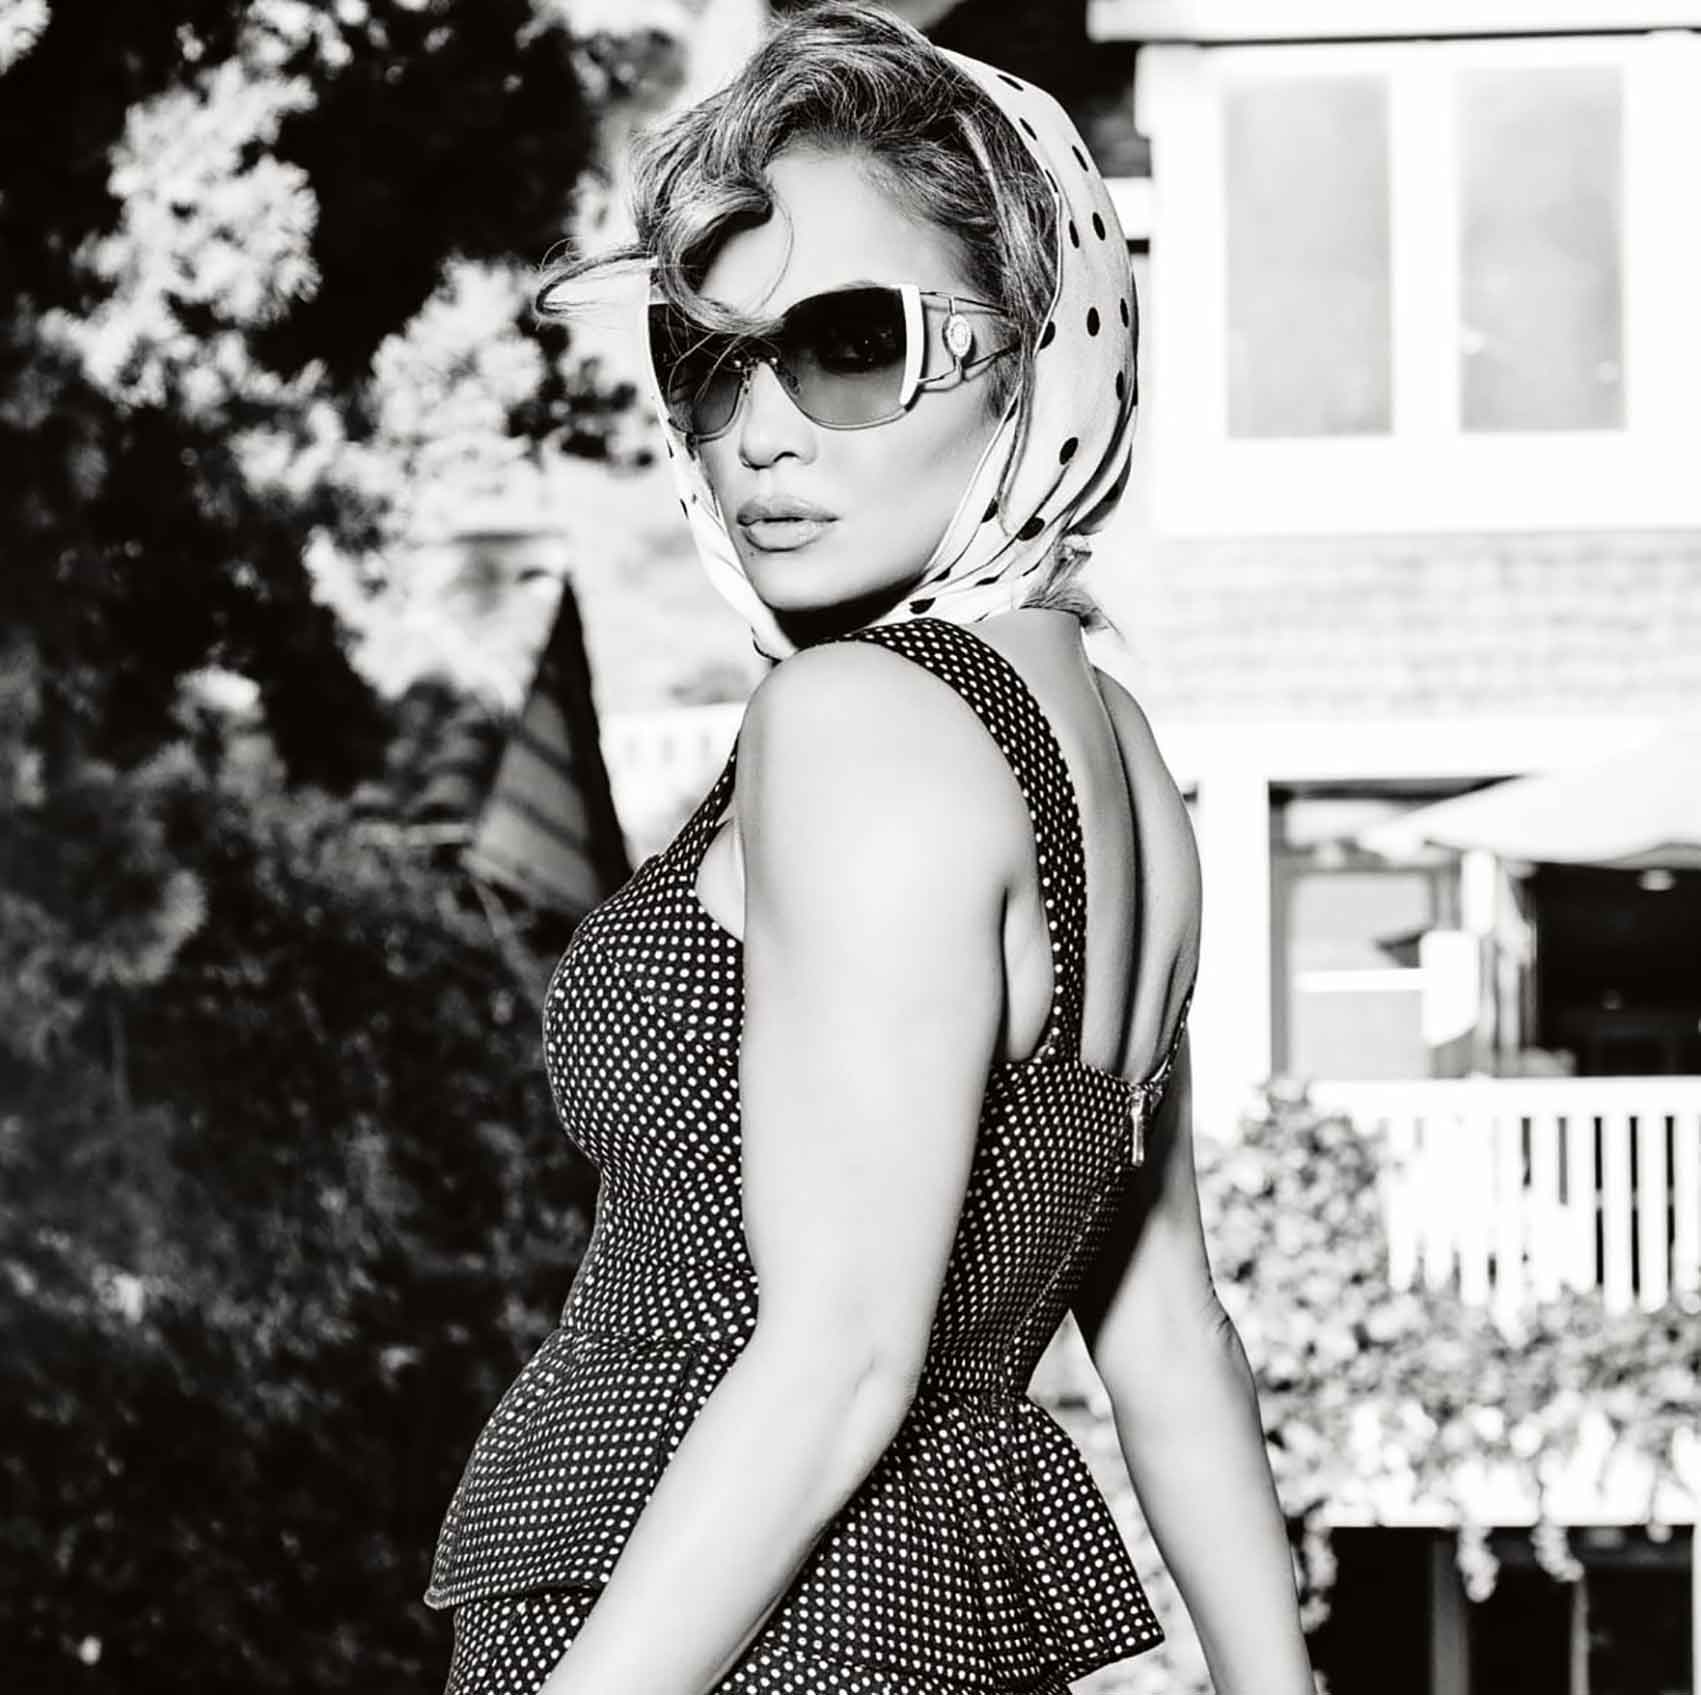 אופנה-ג׳ניפר-לופז-טרנדים-סטייל-אופנת-נשים-כתבות-אופנה-מגזין-אופנה